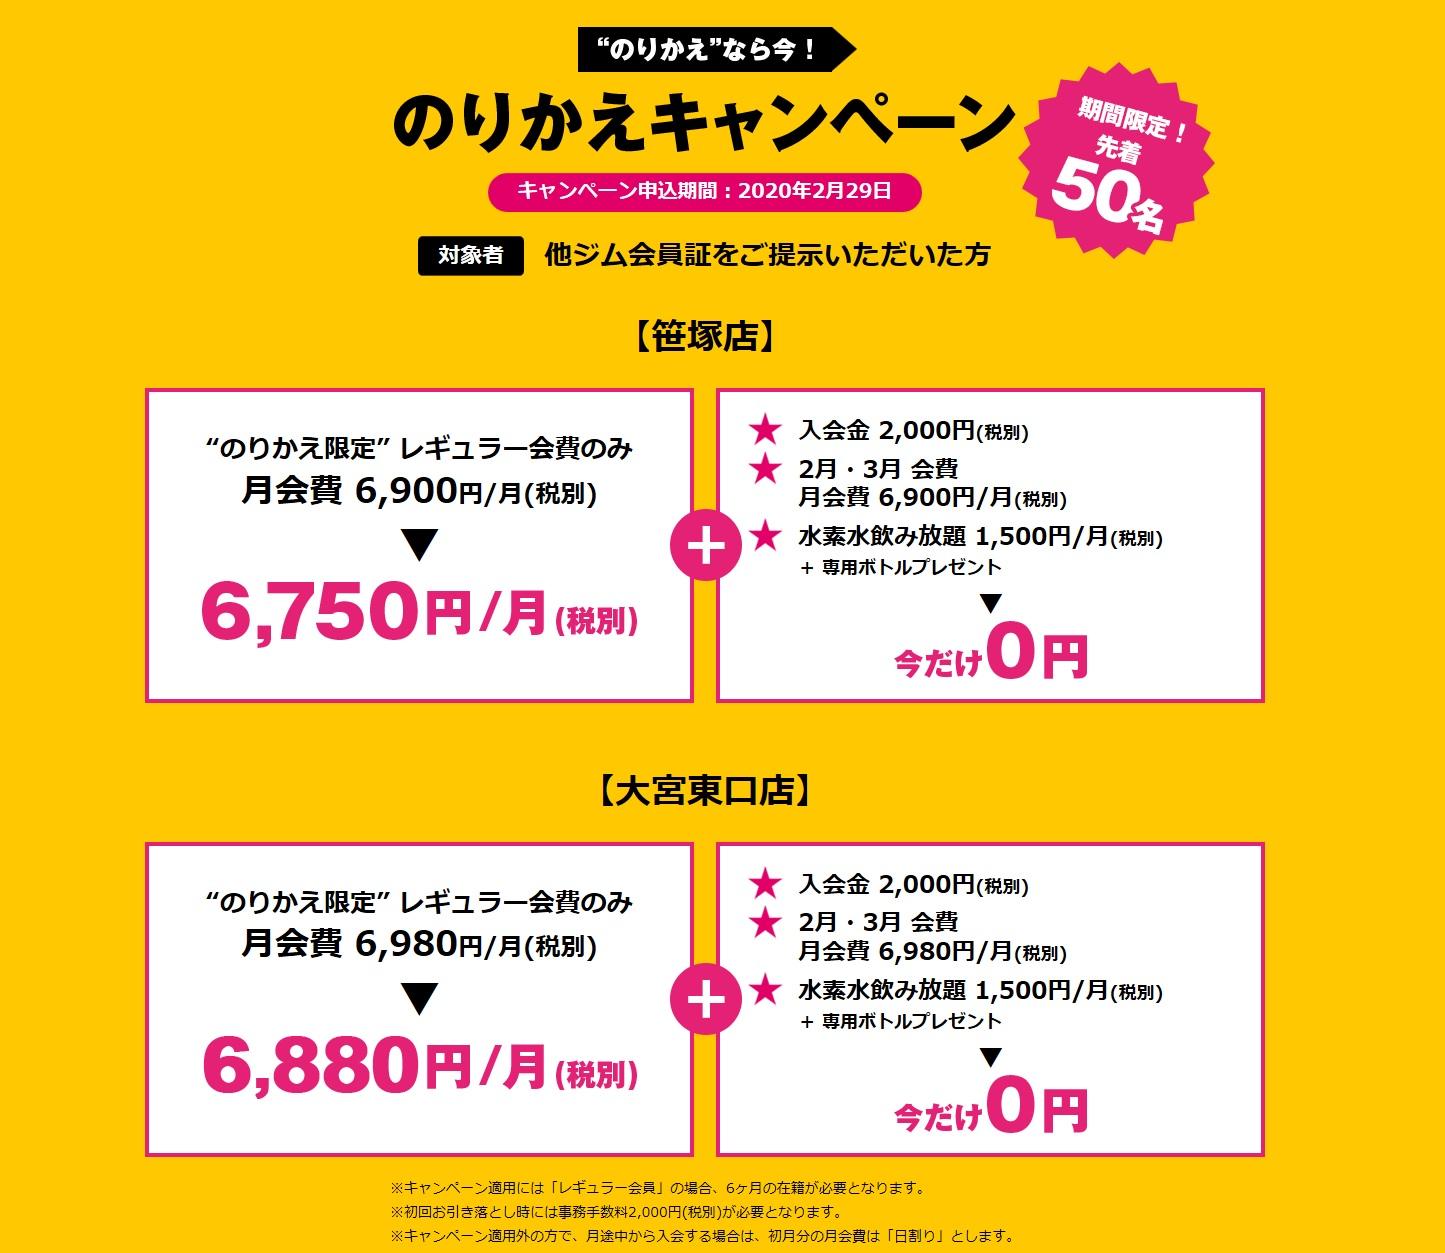 のりかえキャンペーン1